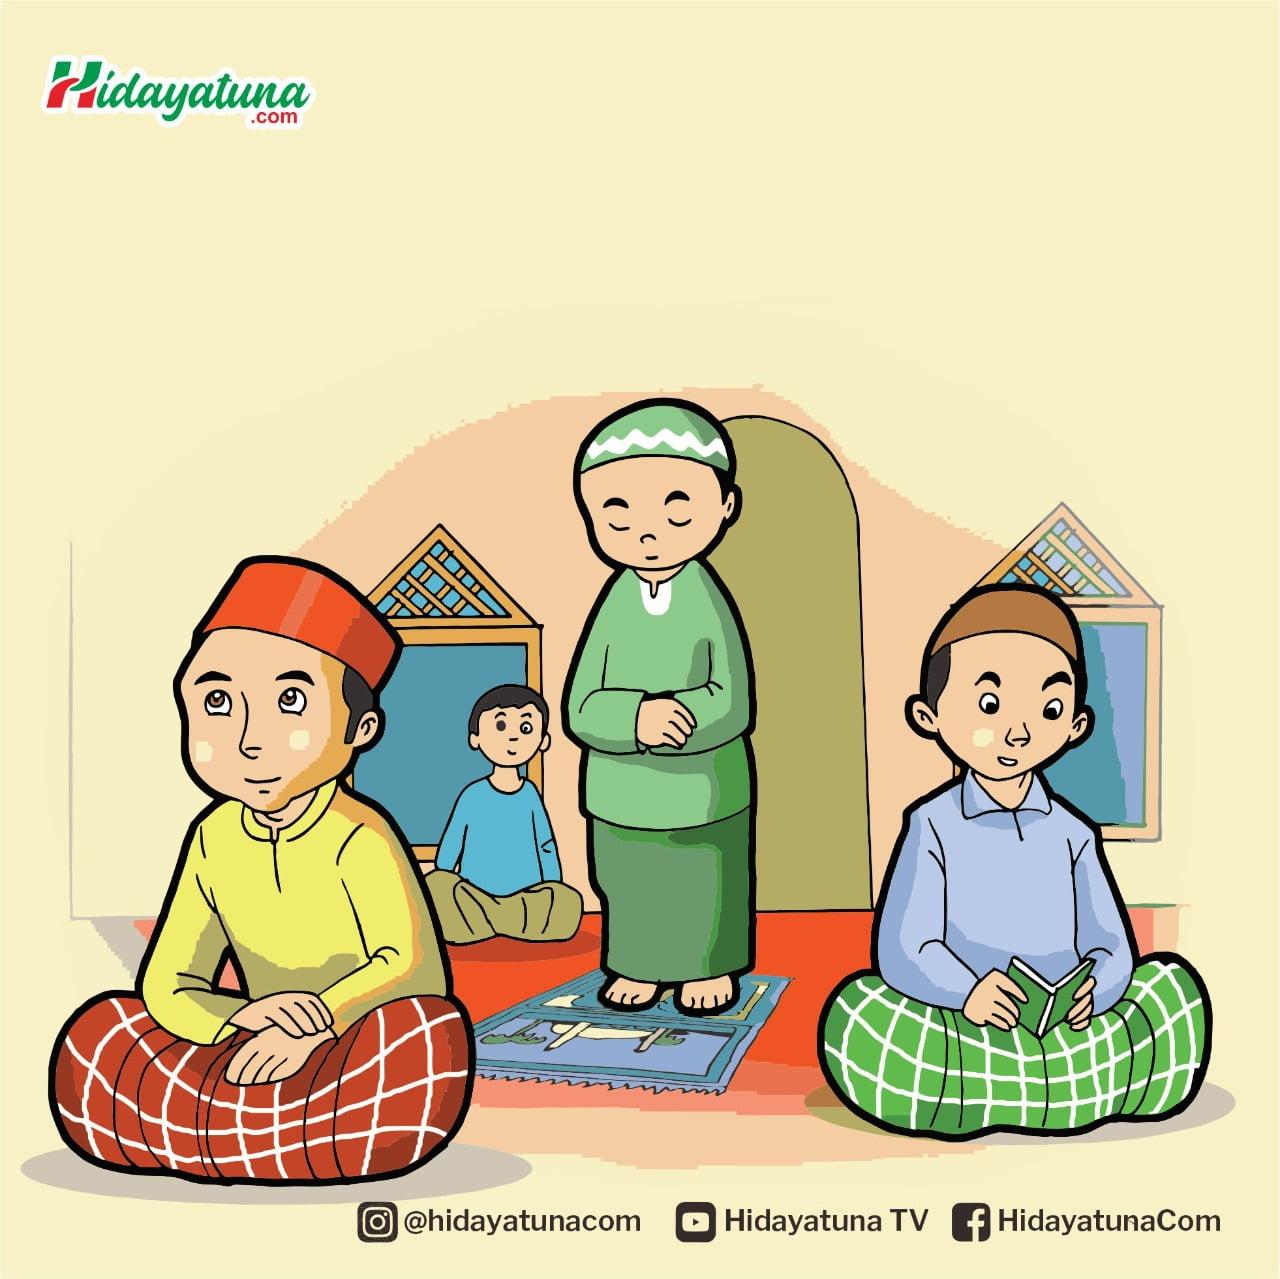 Tidak ada kebenaran dalam Ijtihad Fikih (Ilustrasi/Hidayatuna)